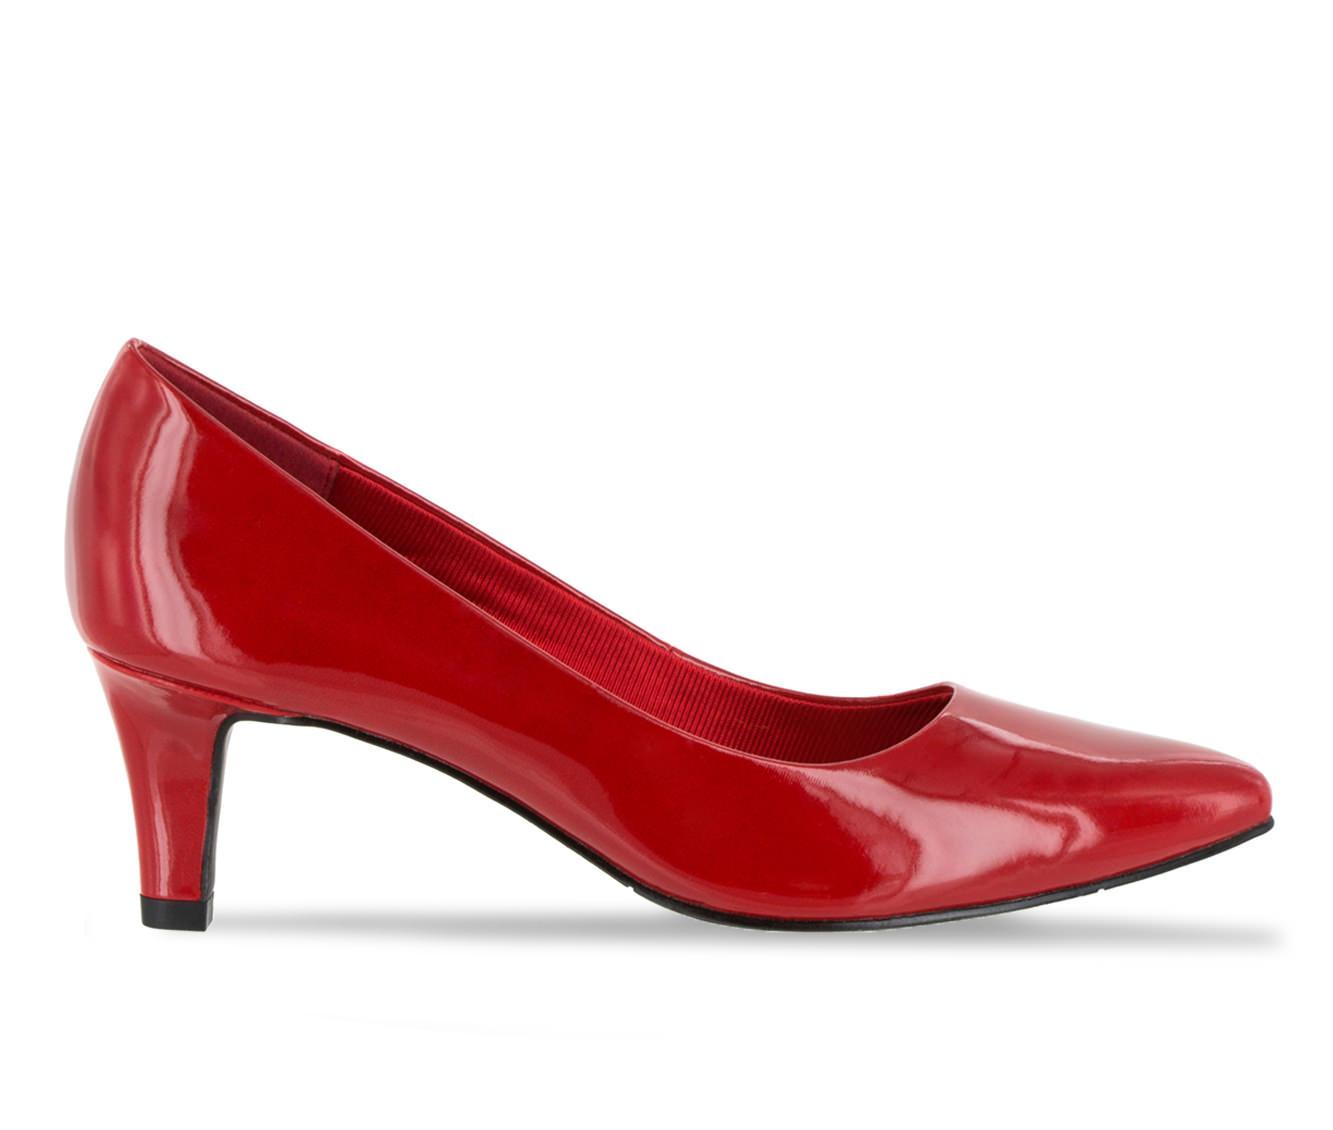 Easy Street Pointe Women's Dress Shoe (Red Faux Leather)